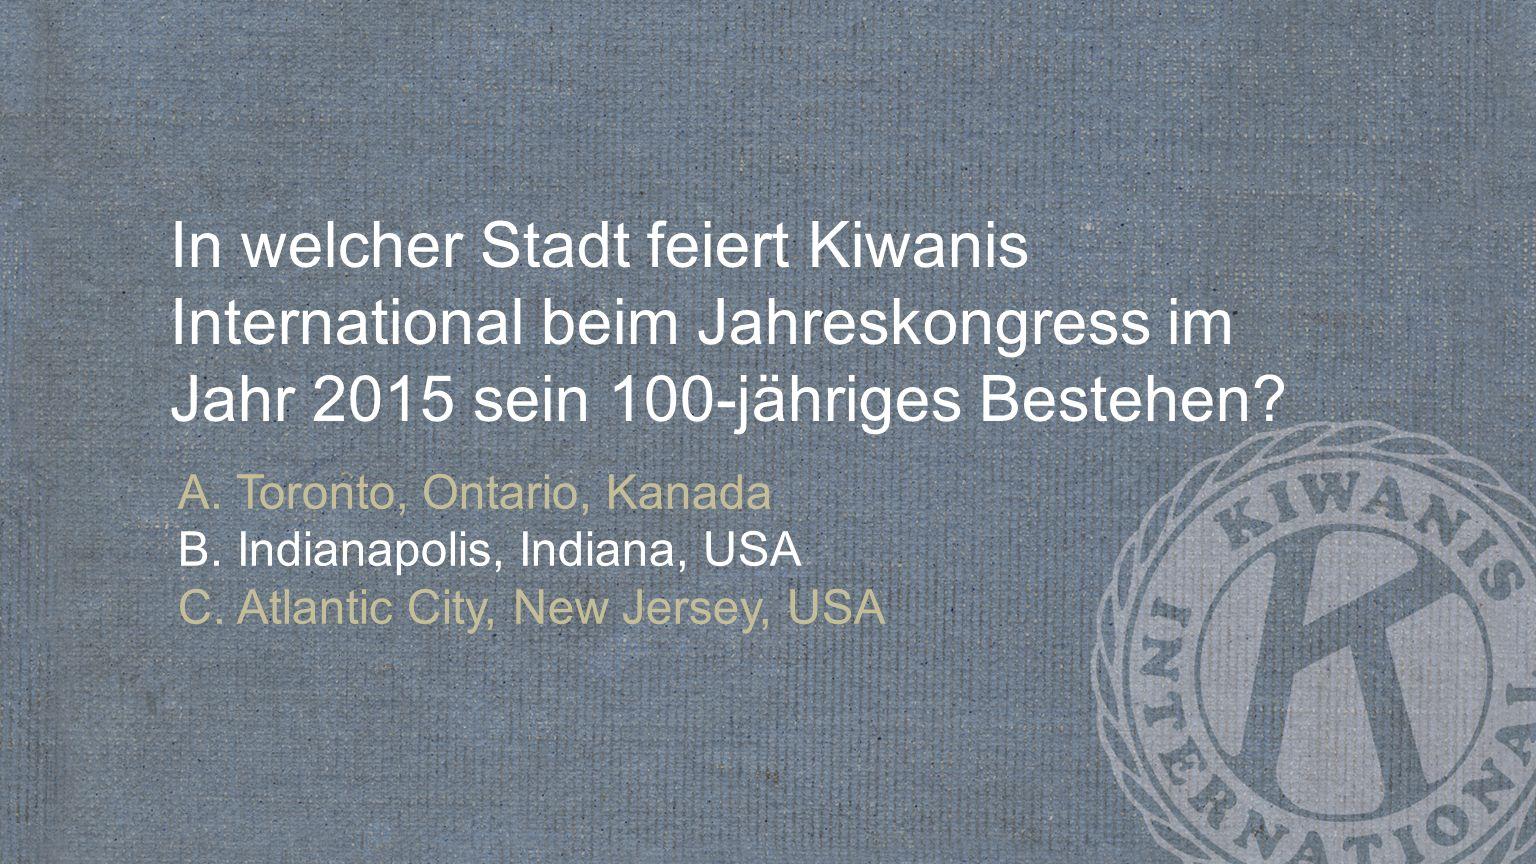 In welcher Stadt feiert Kiwanis International beim Jahreskongress im Jahr 2015 sein 100-jähriges Bestehen